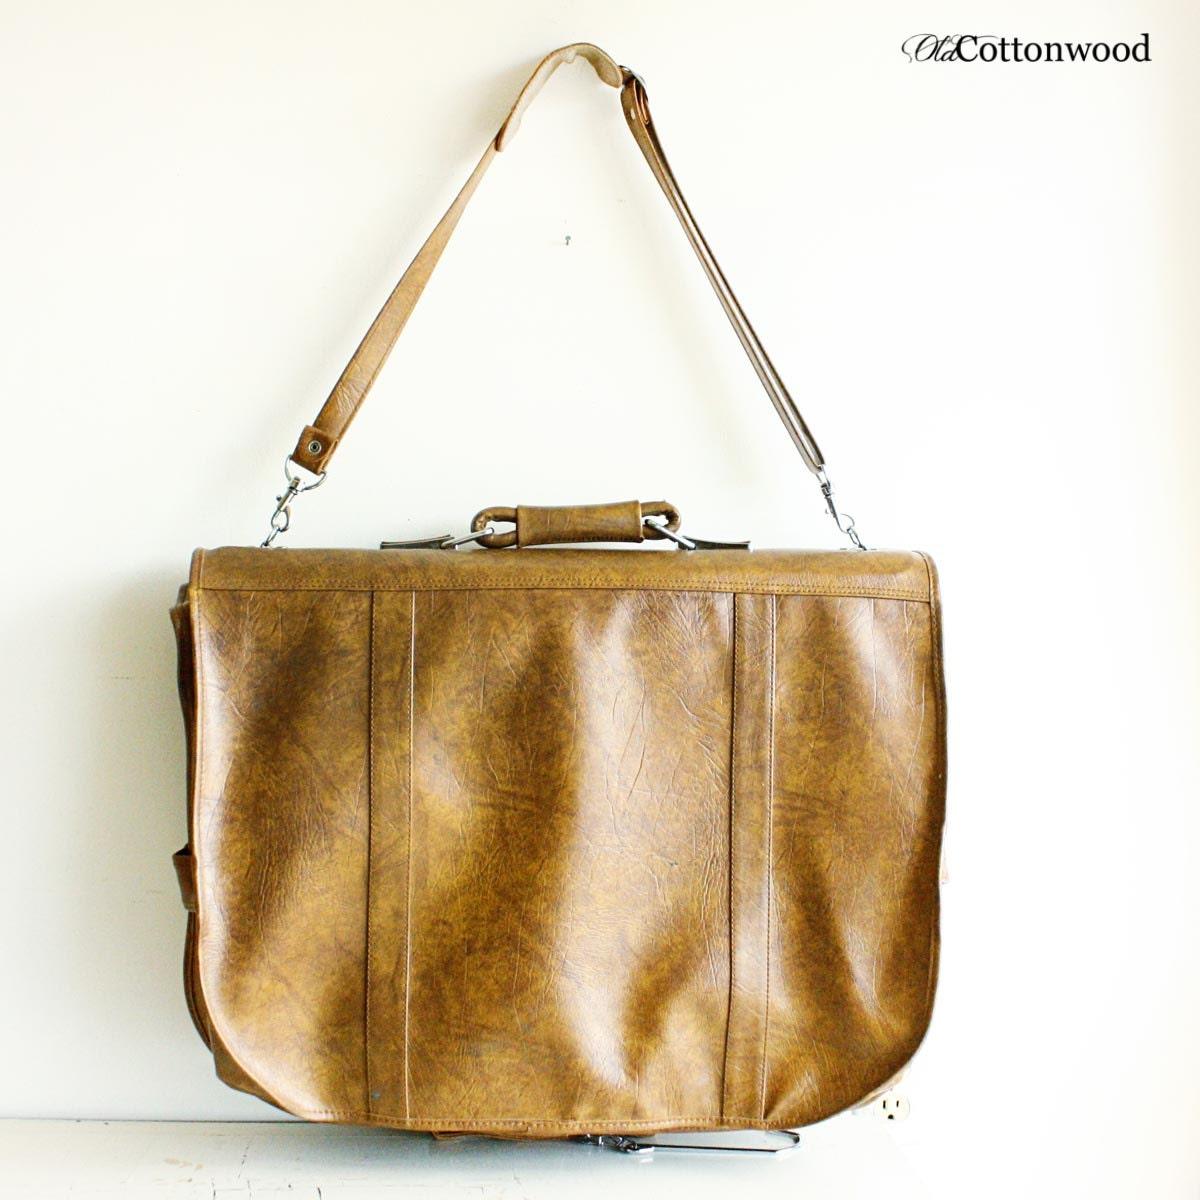 vintage hanging bag garment bag travel bag by oldcottonwood